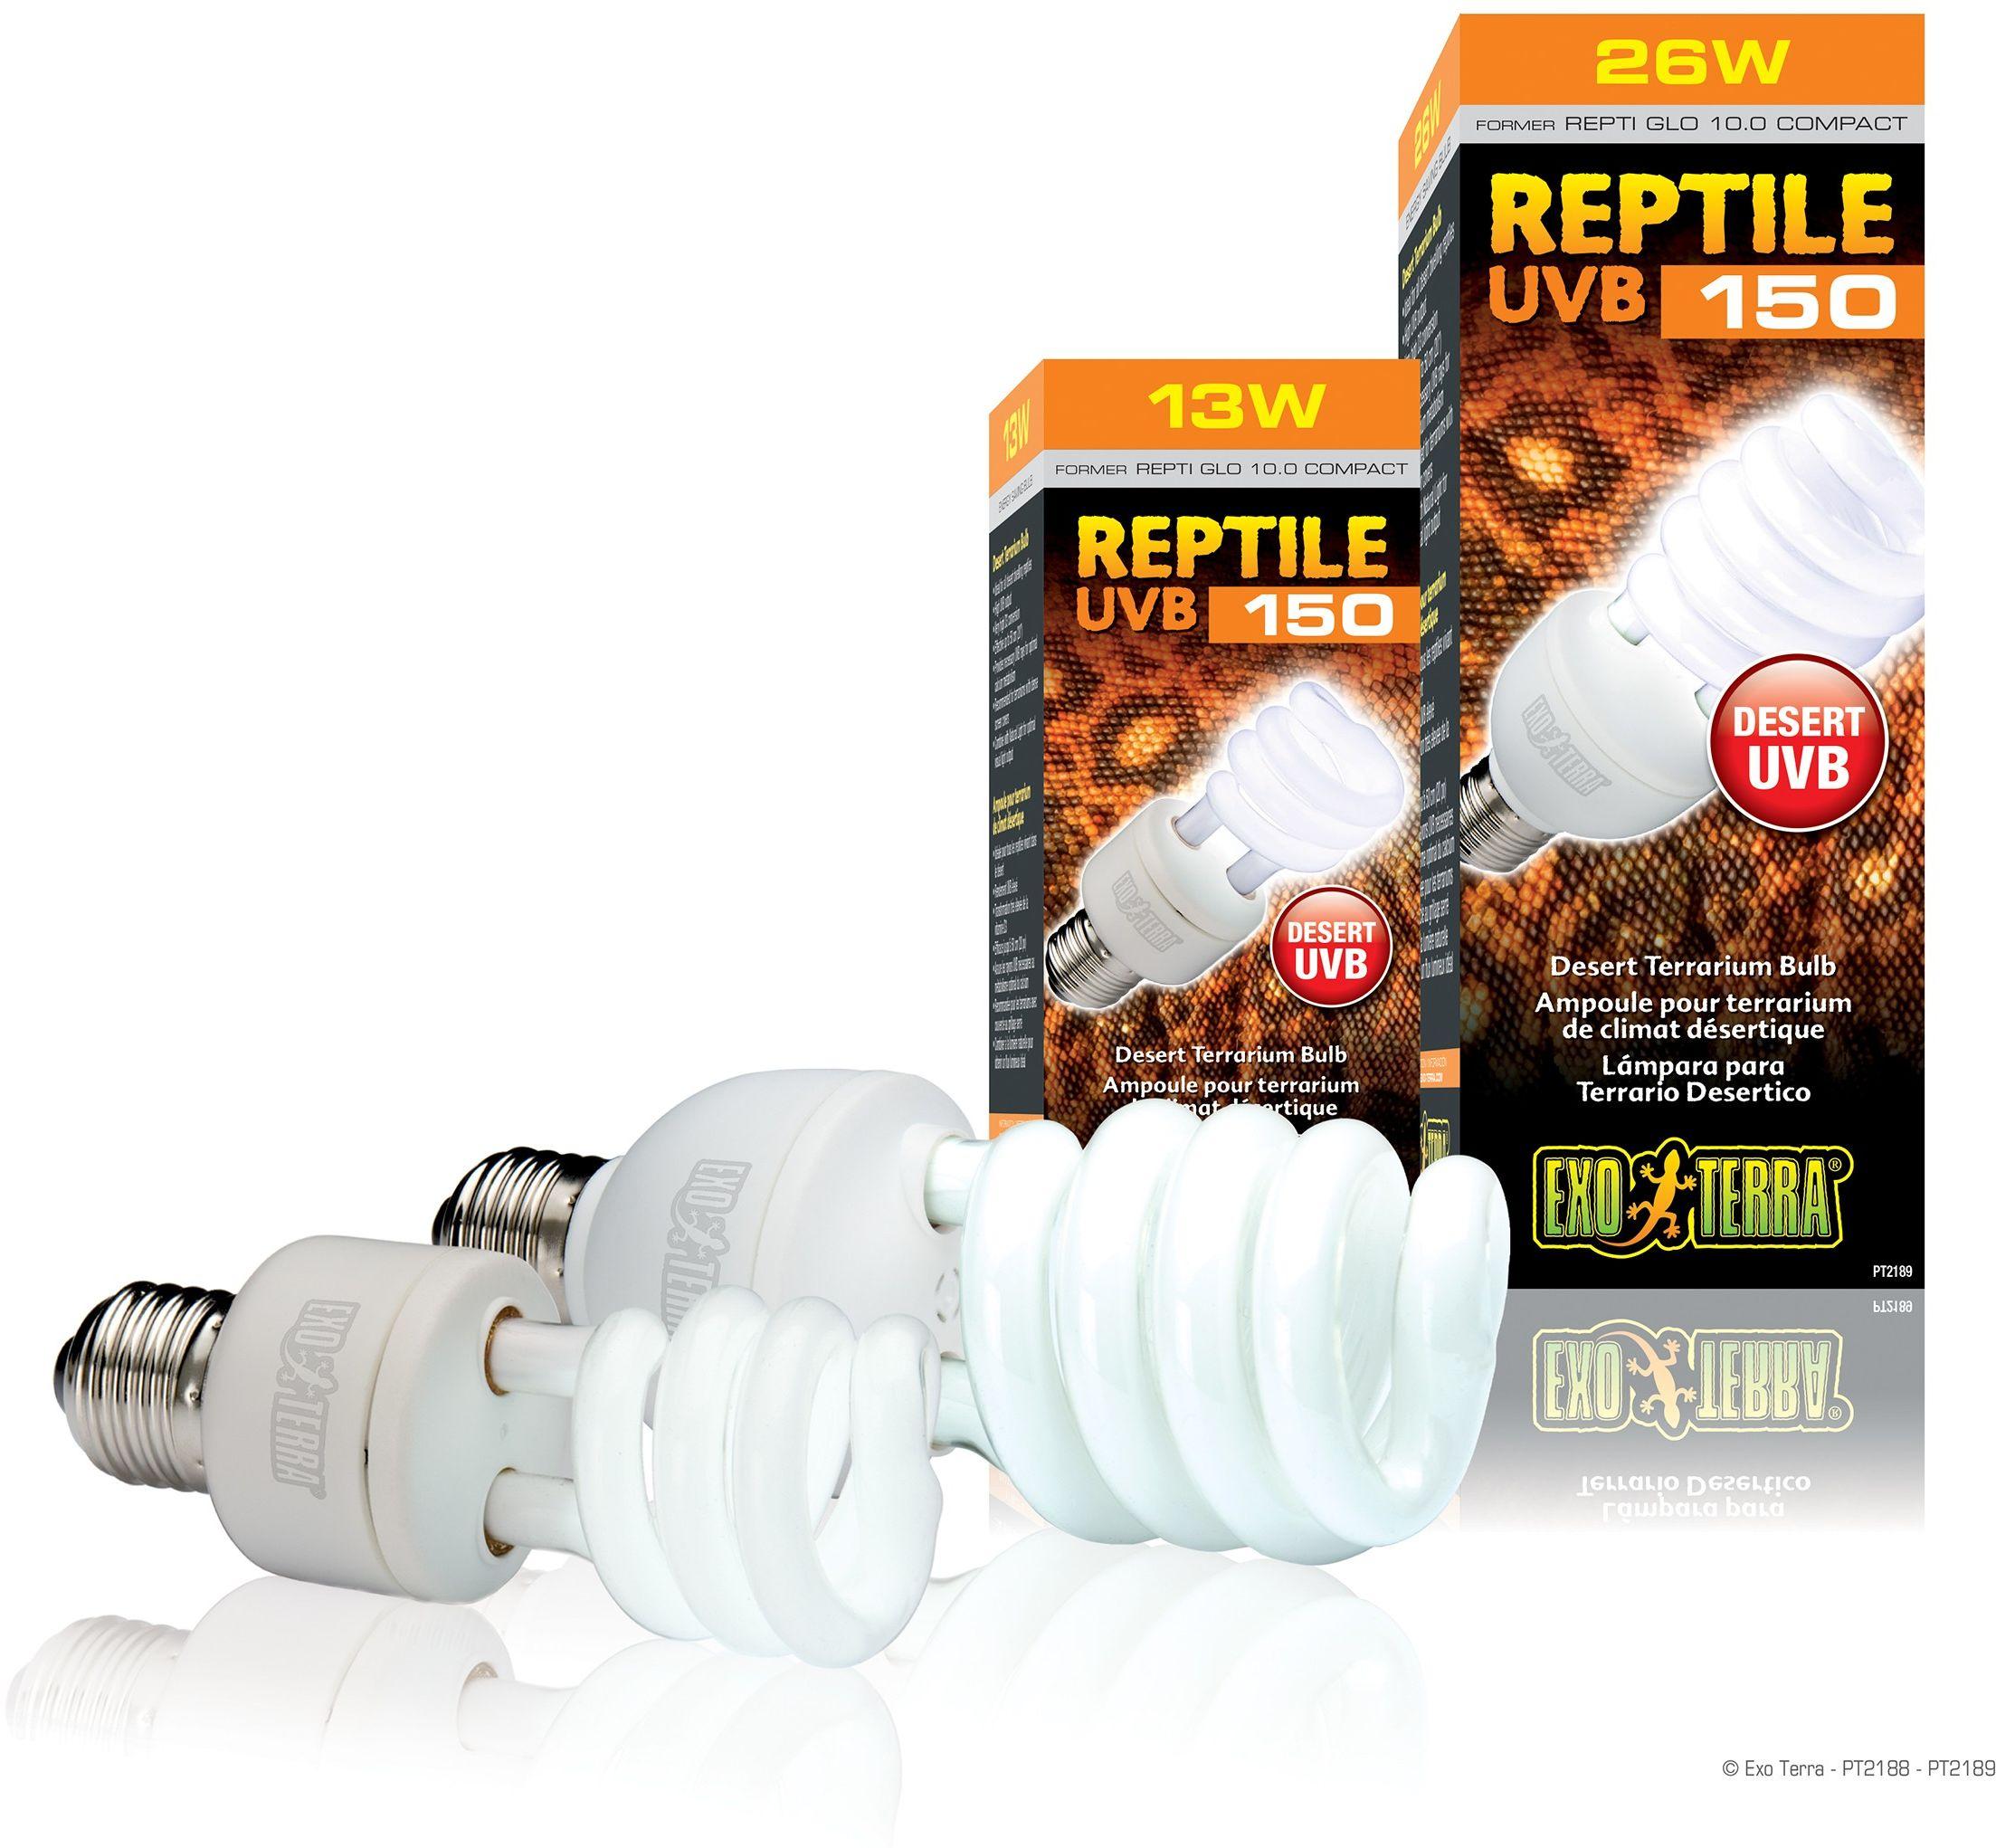 Exo-Terra Świetlówka kompaktowa Reptile UVB150